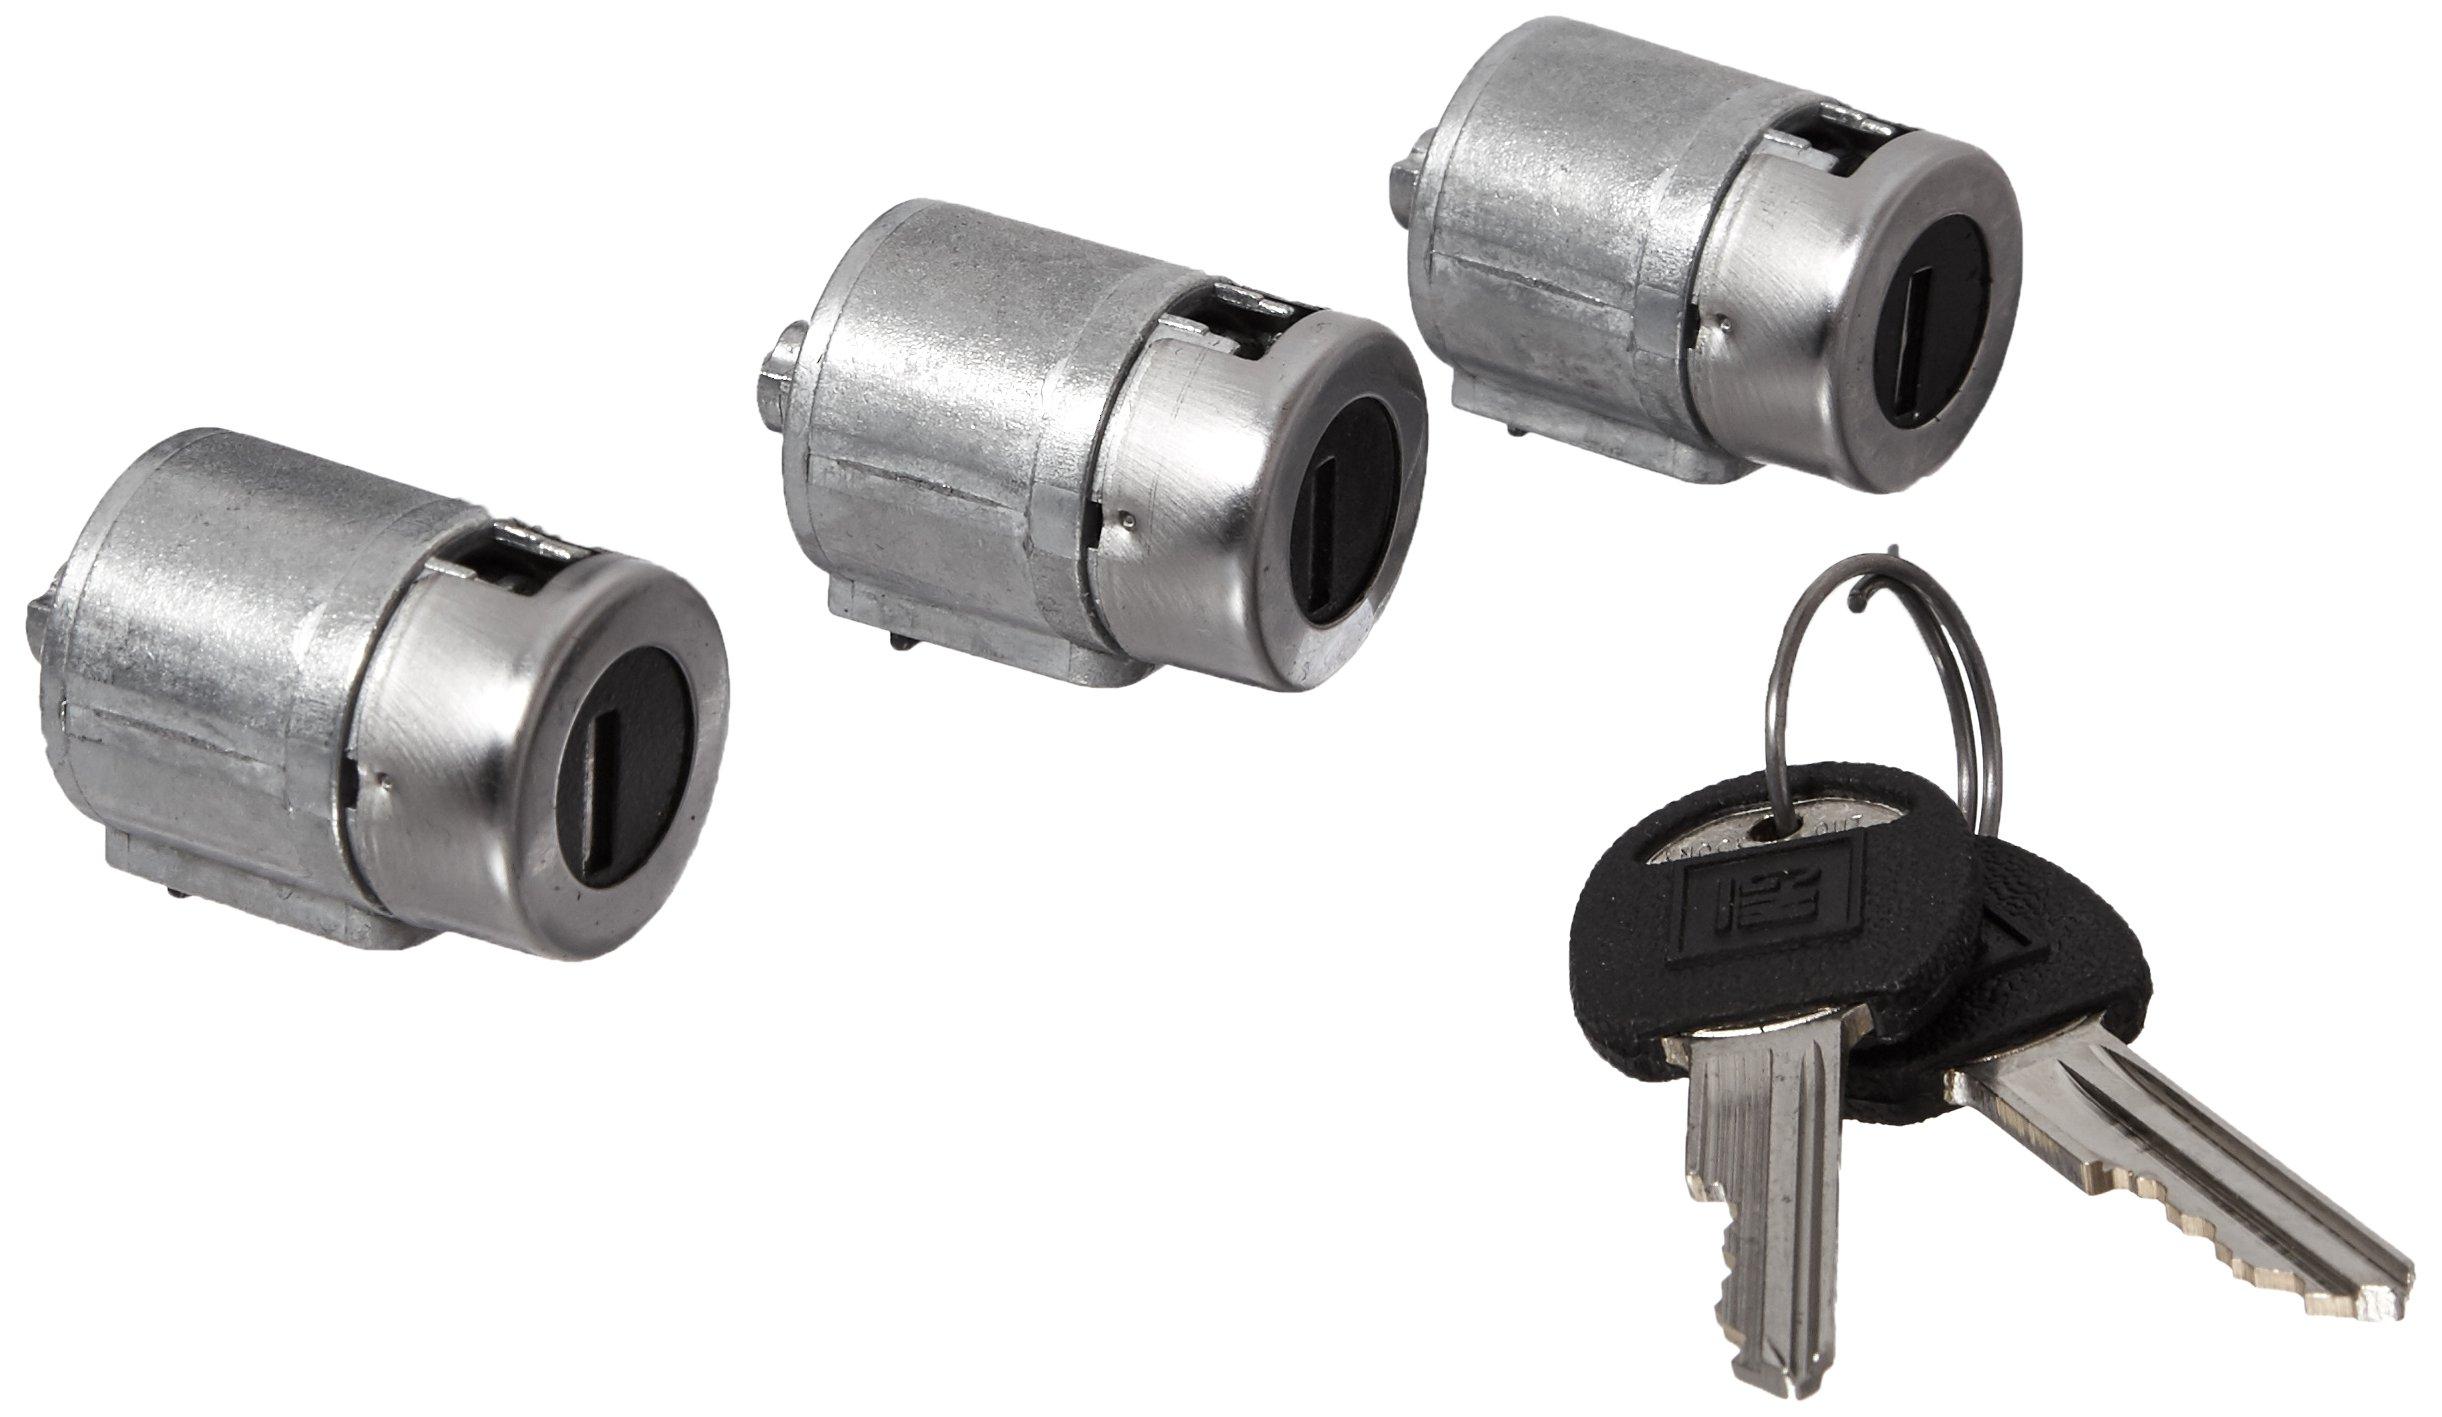 Standard Motor Products DL161 Door Lock Kit